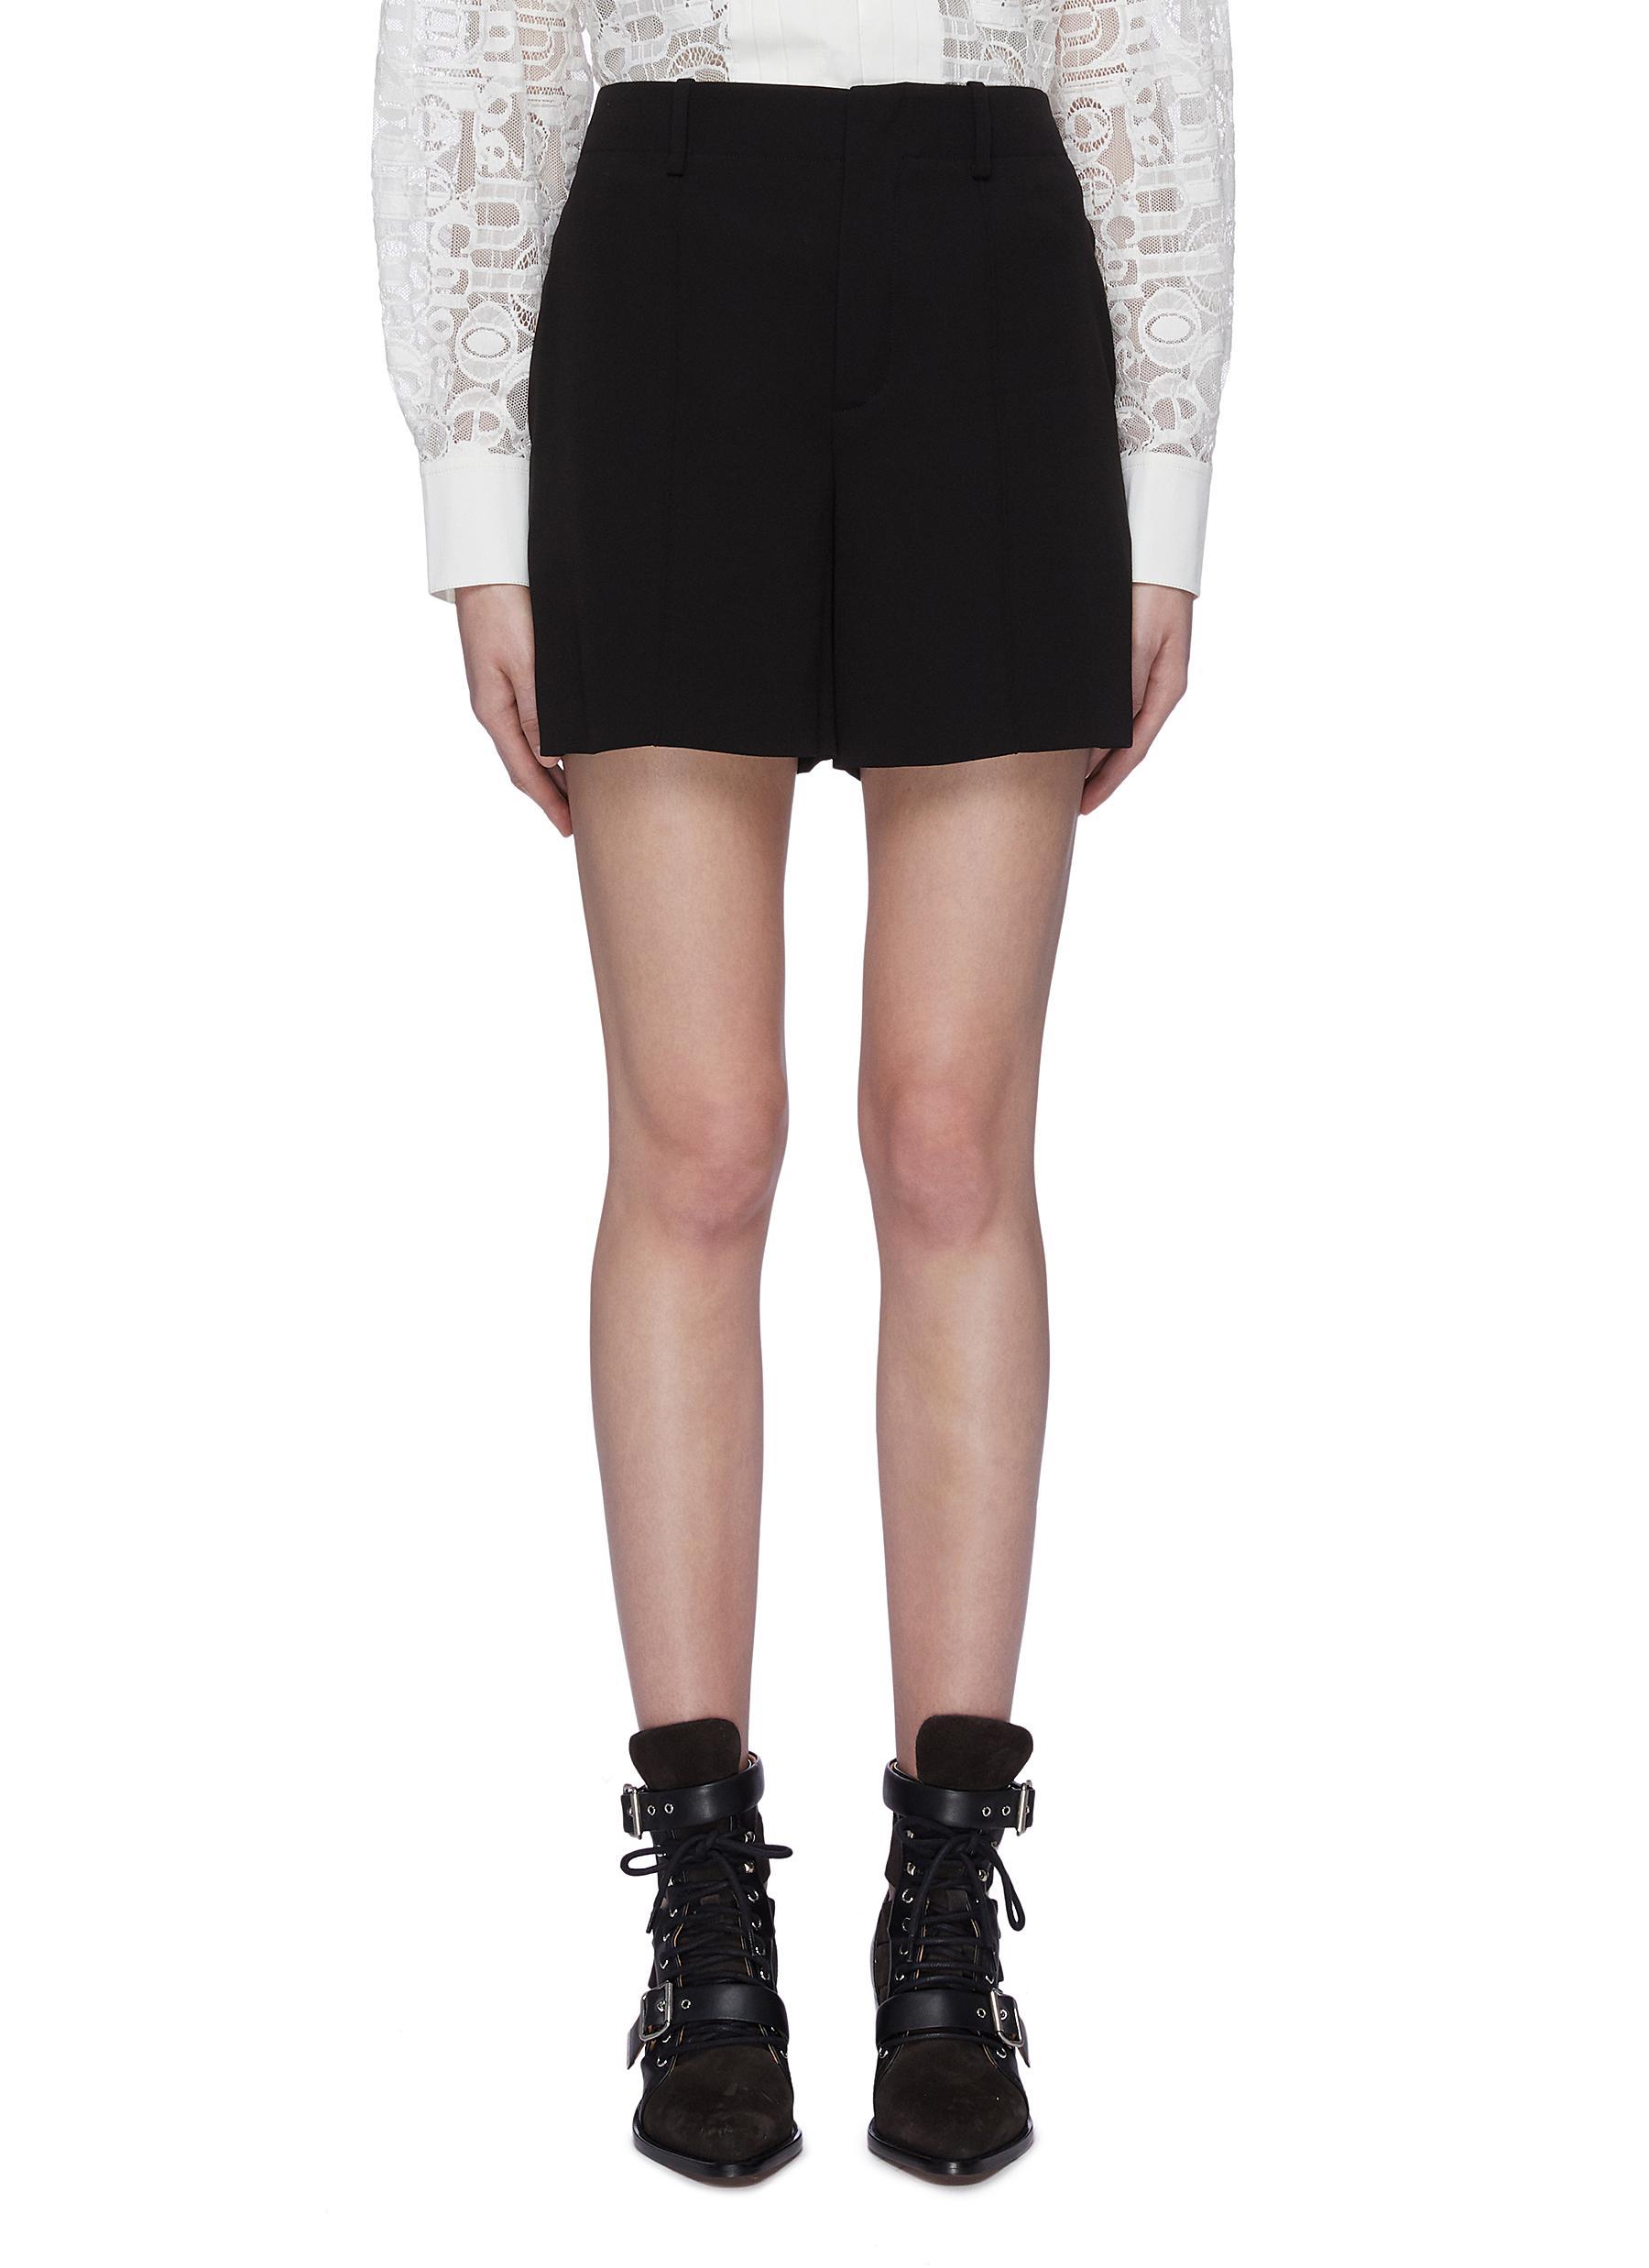 Pintuck crepe shorts by Chloé